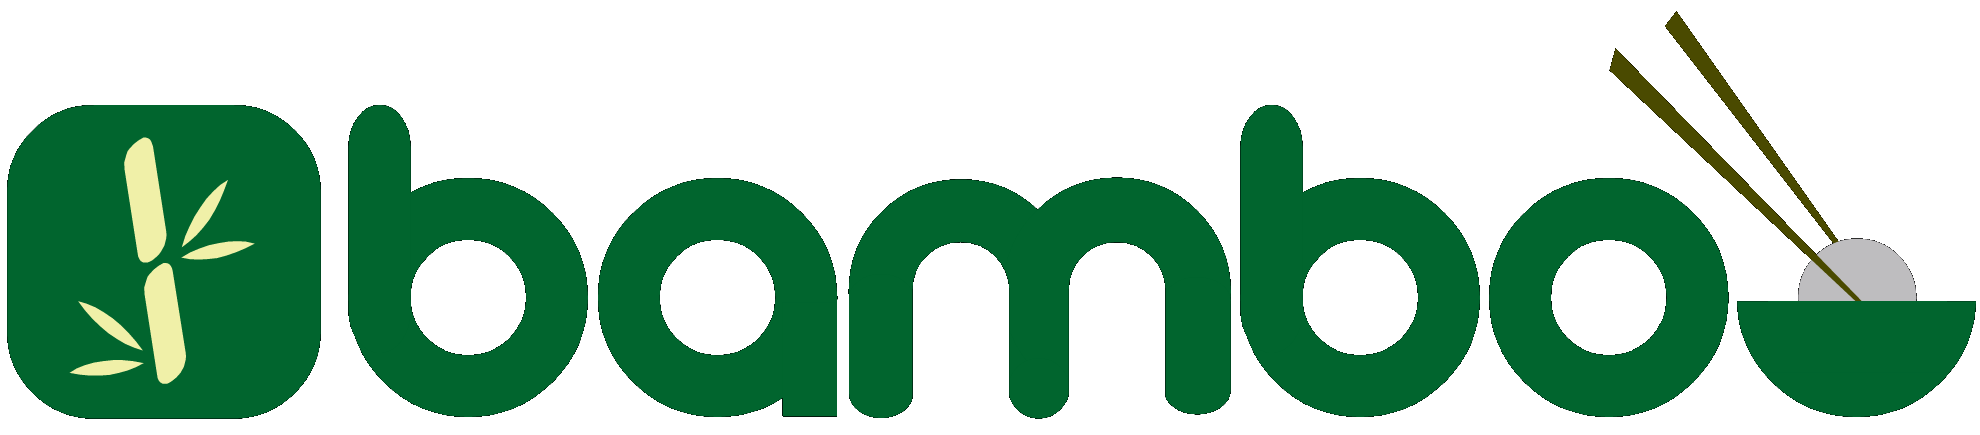 Bamboo - Asia logo